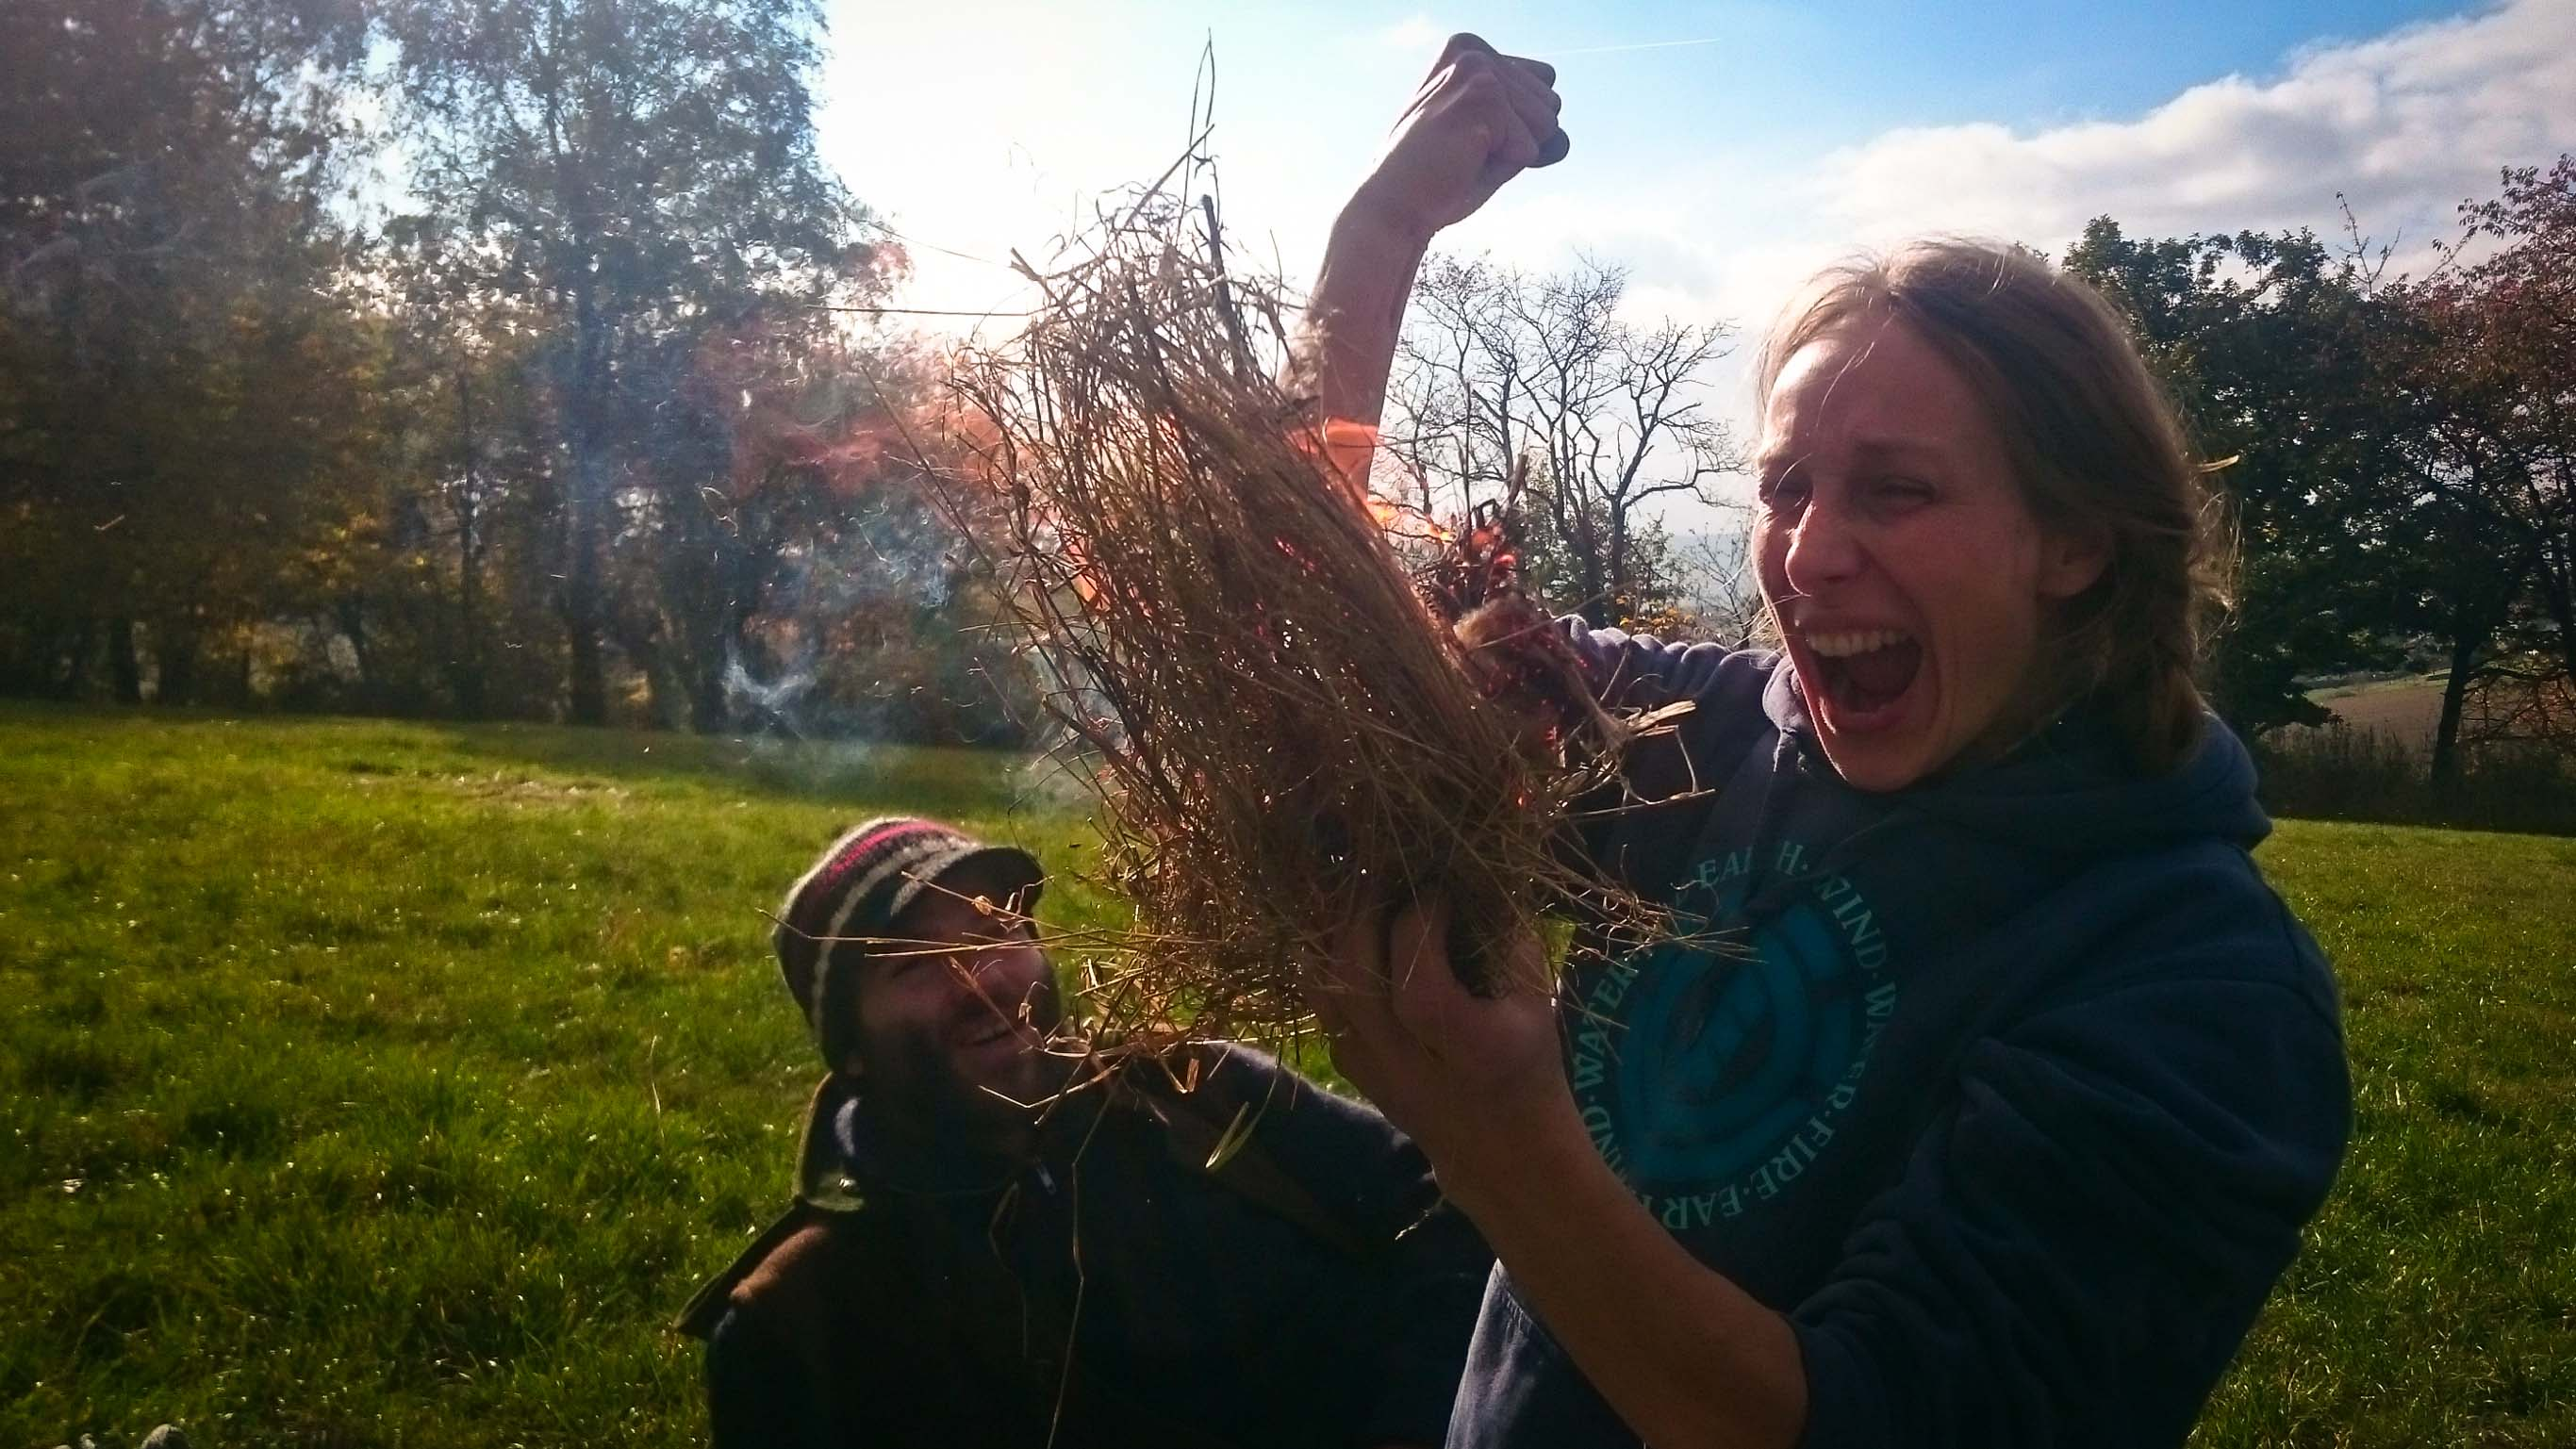 Wildnispaedagogik Weiterbildung Naturverbindung Feuermachen